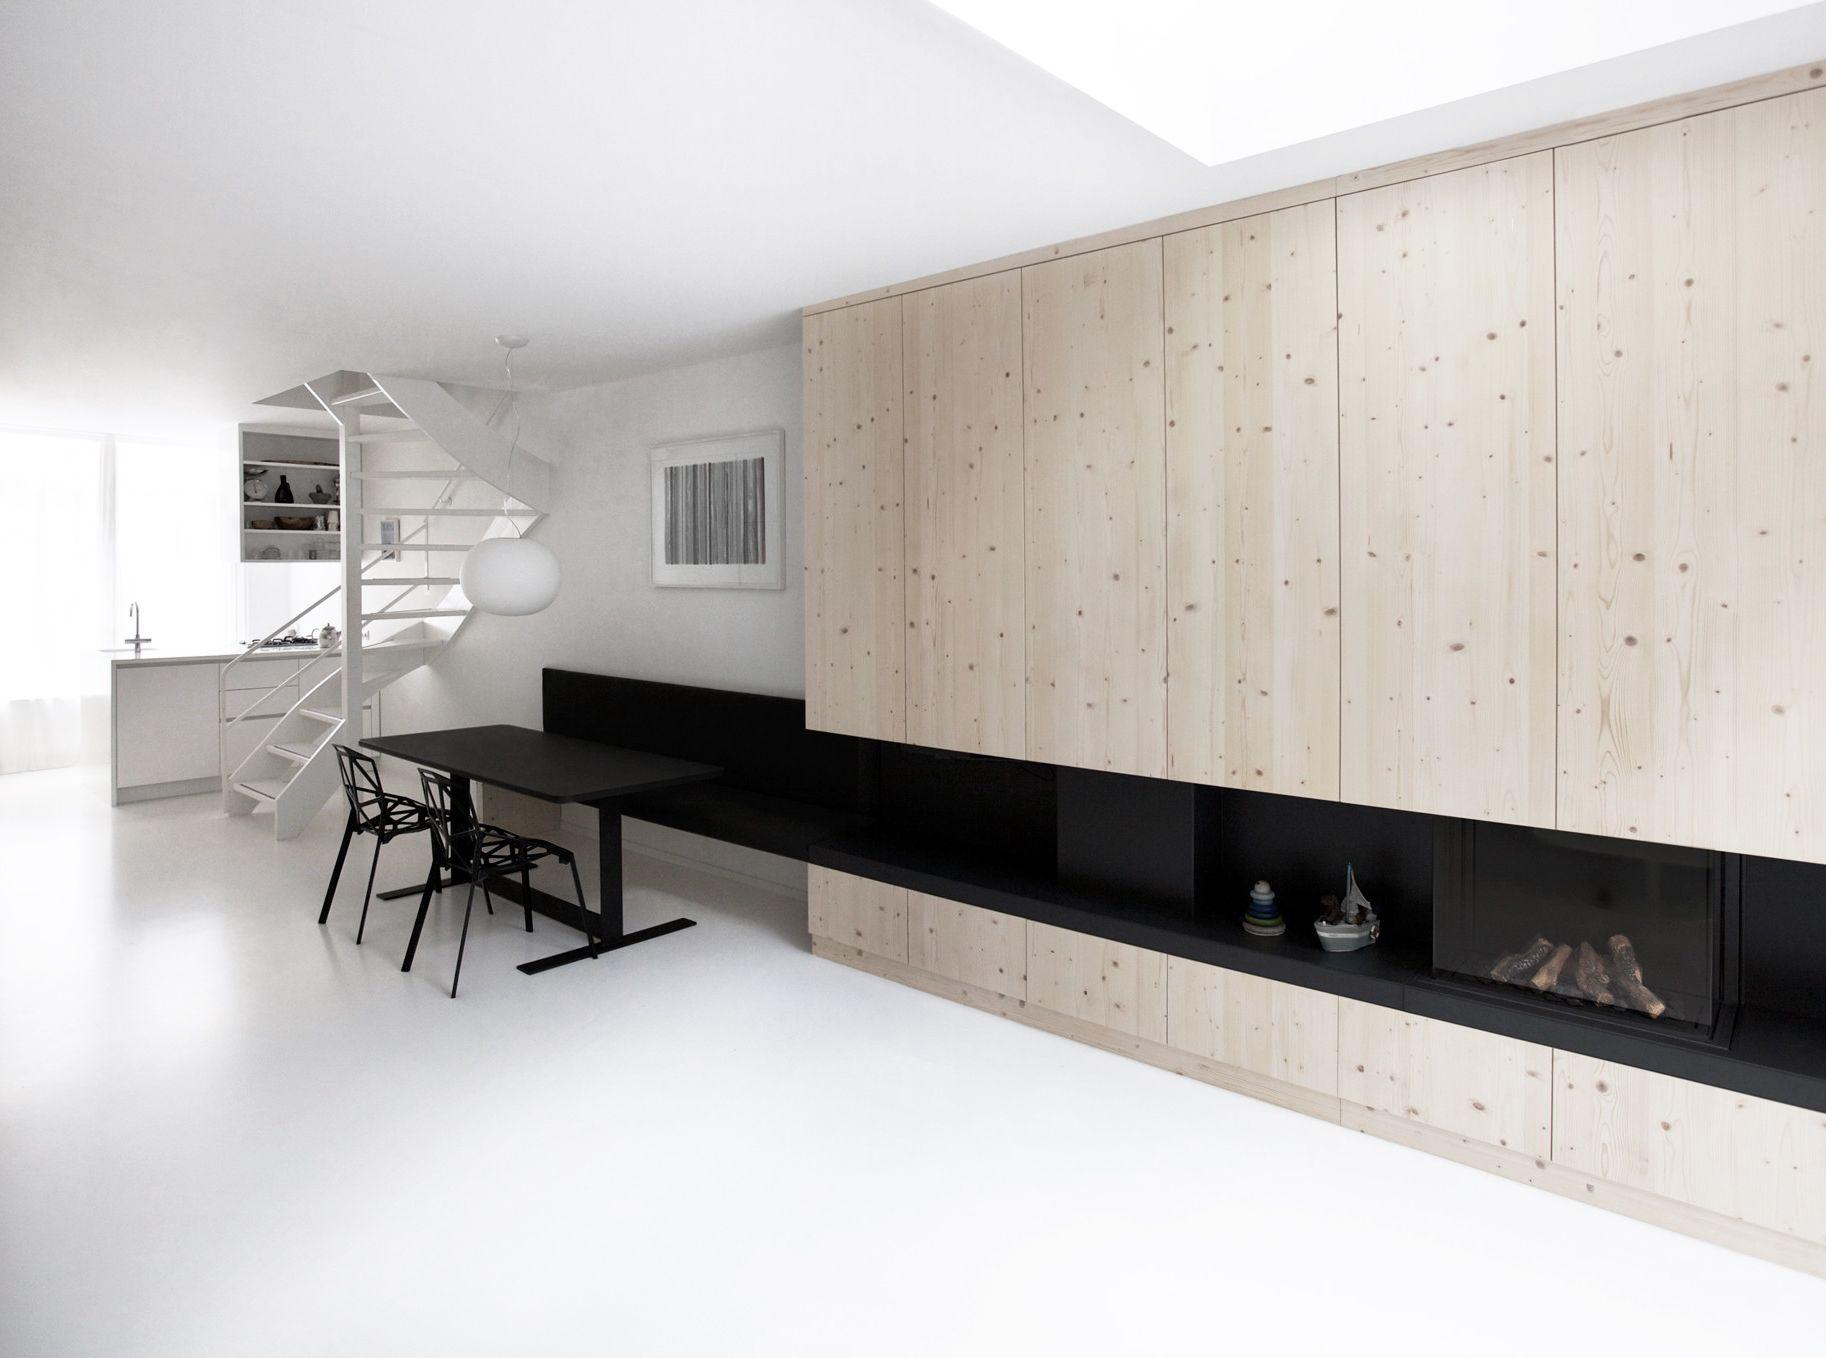 Home 08 i29 interior architects